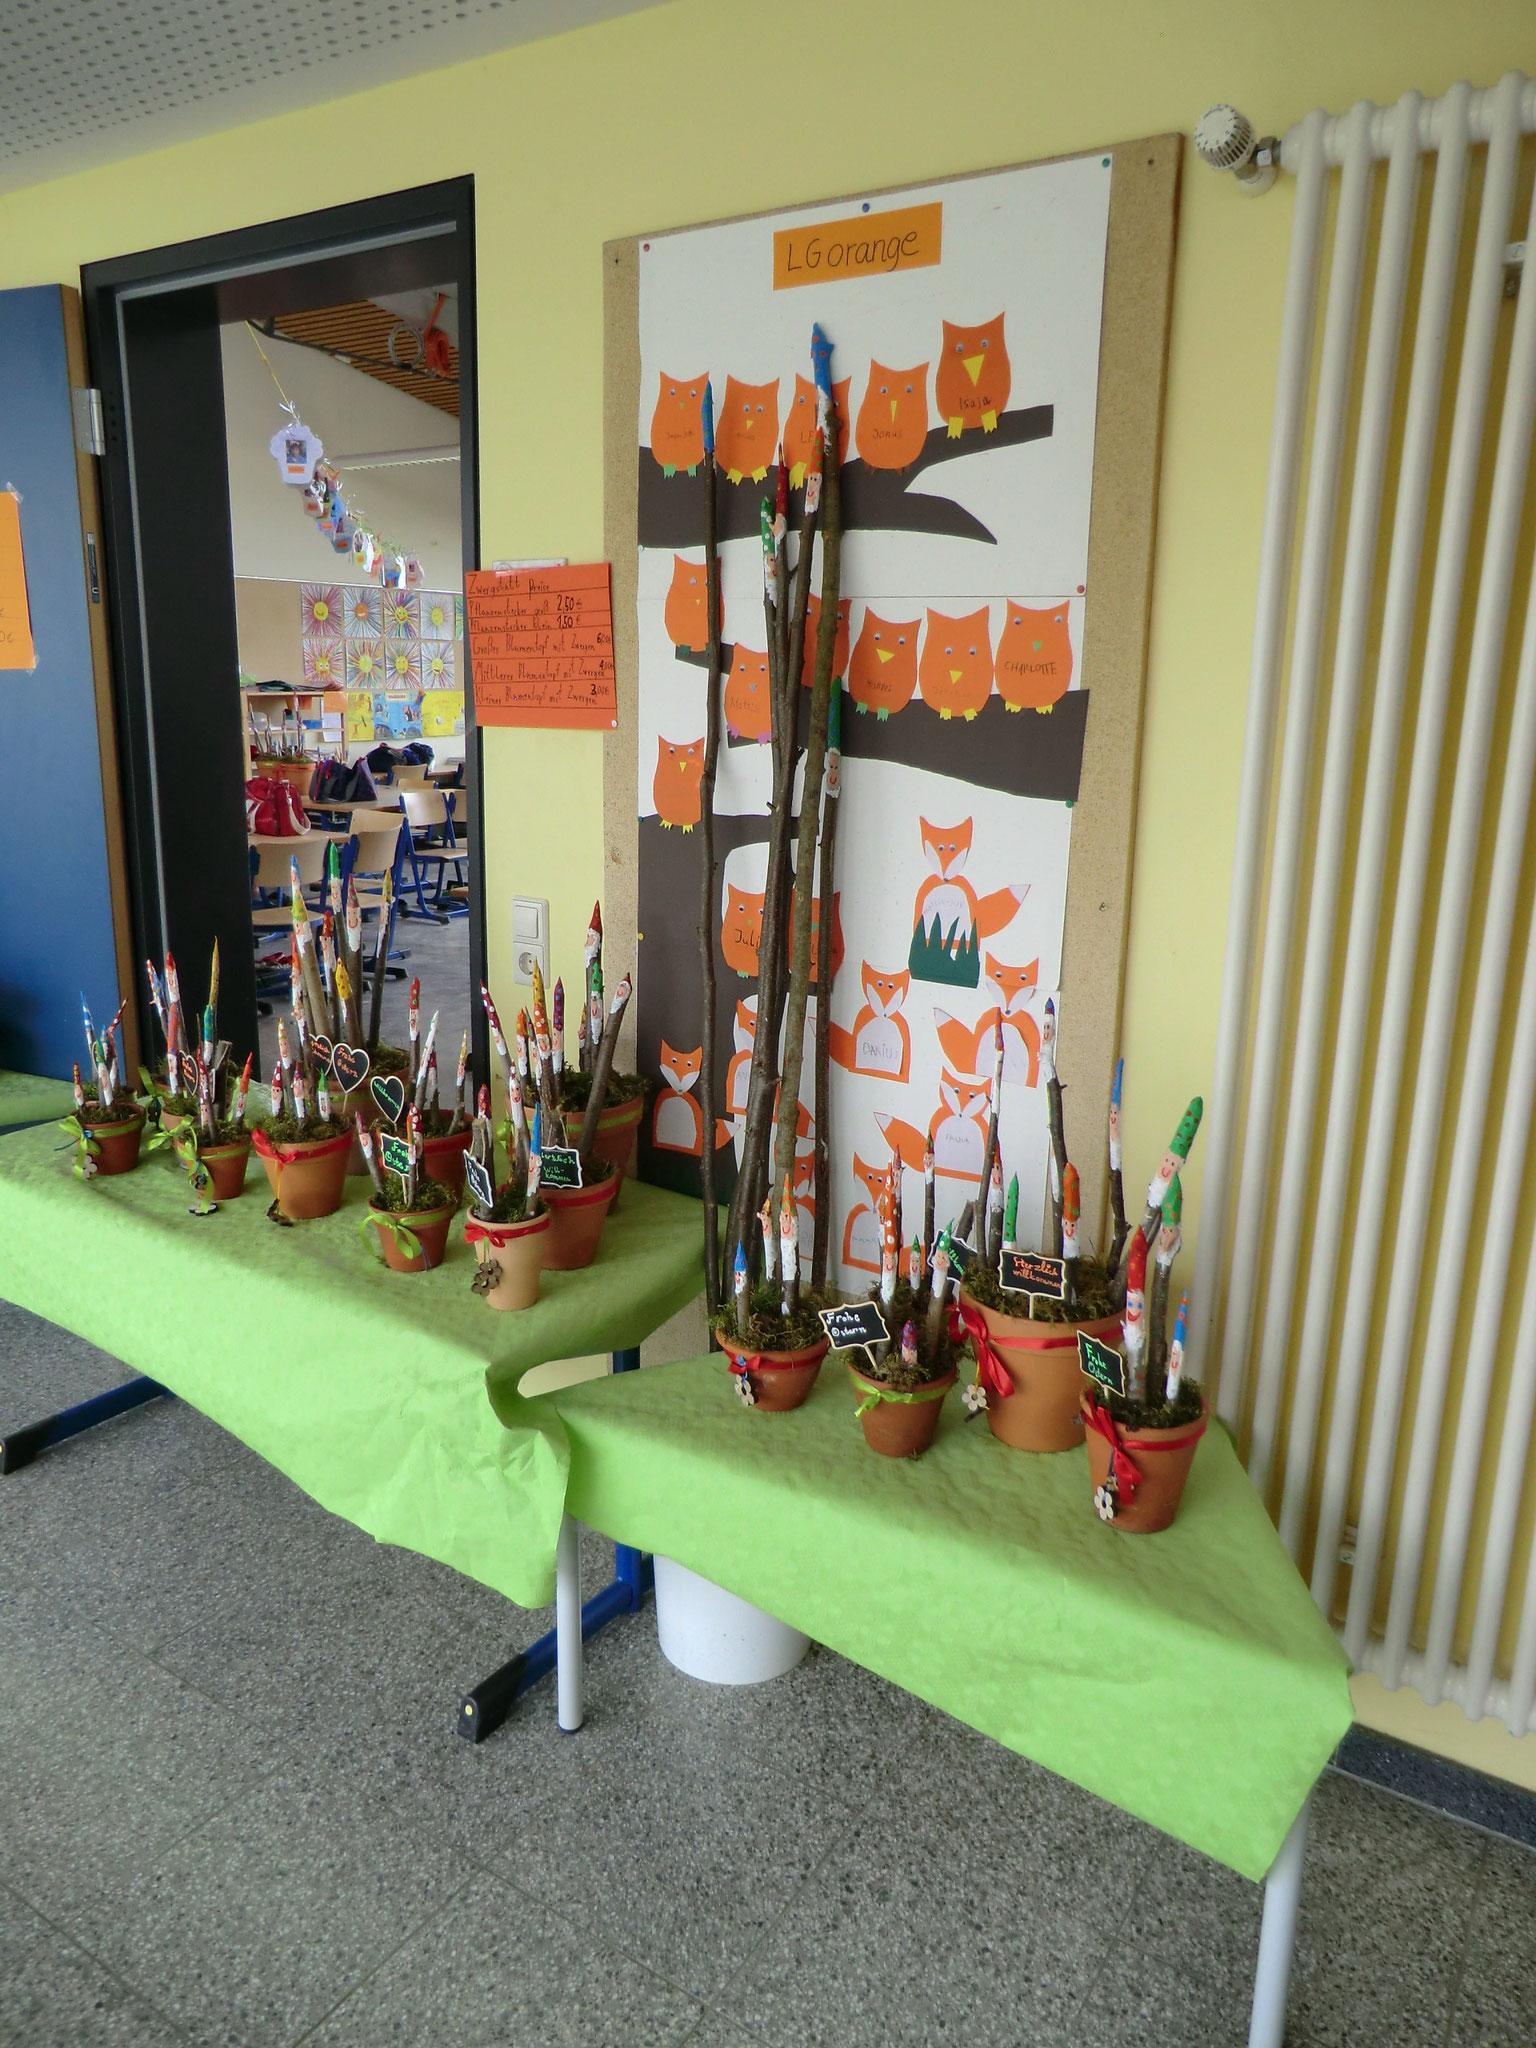 Orange Lerngruppe